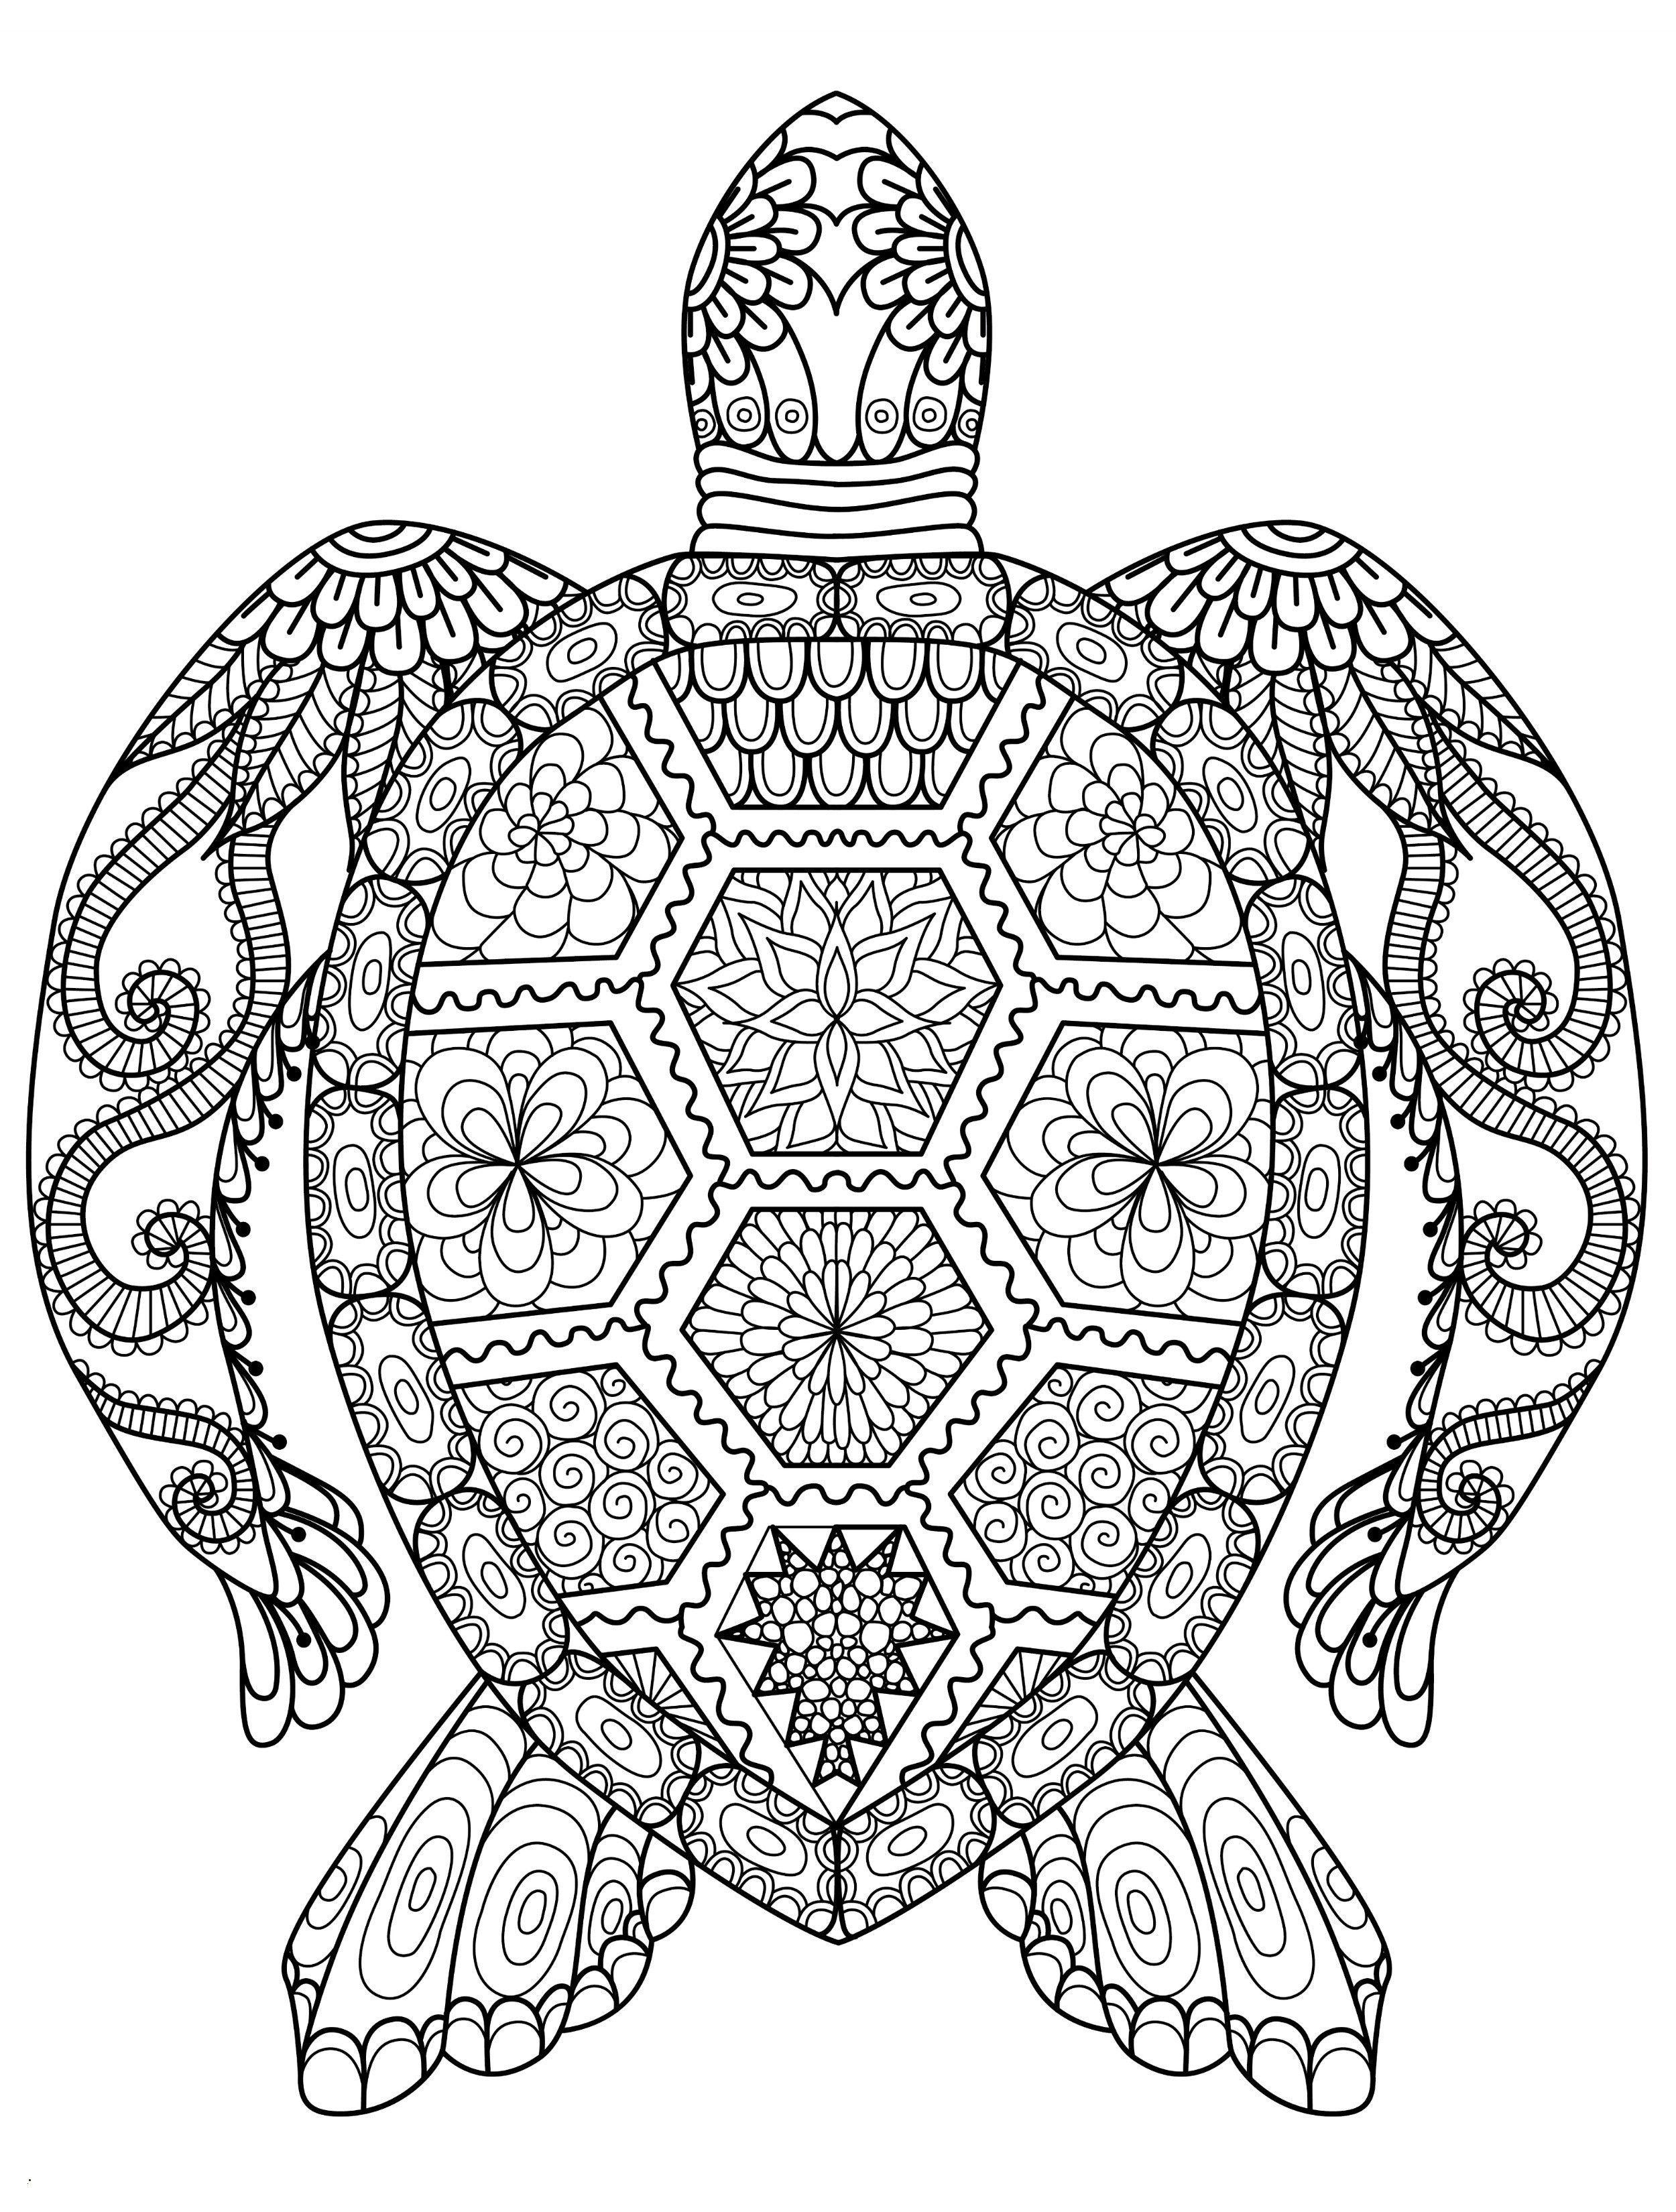 Einzigartig Ausmalbilder Tiere Mit Muster Ausmalbilder Ausmalbilder Tiere Mandala Tiere